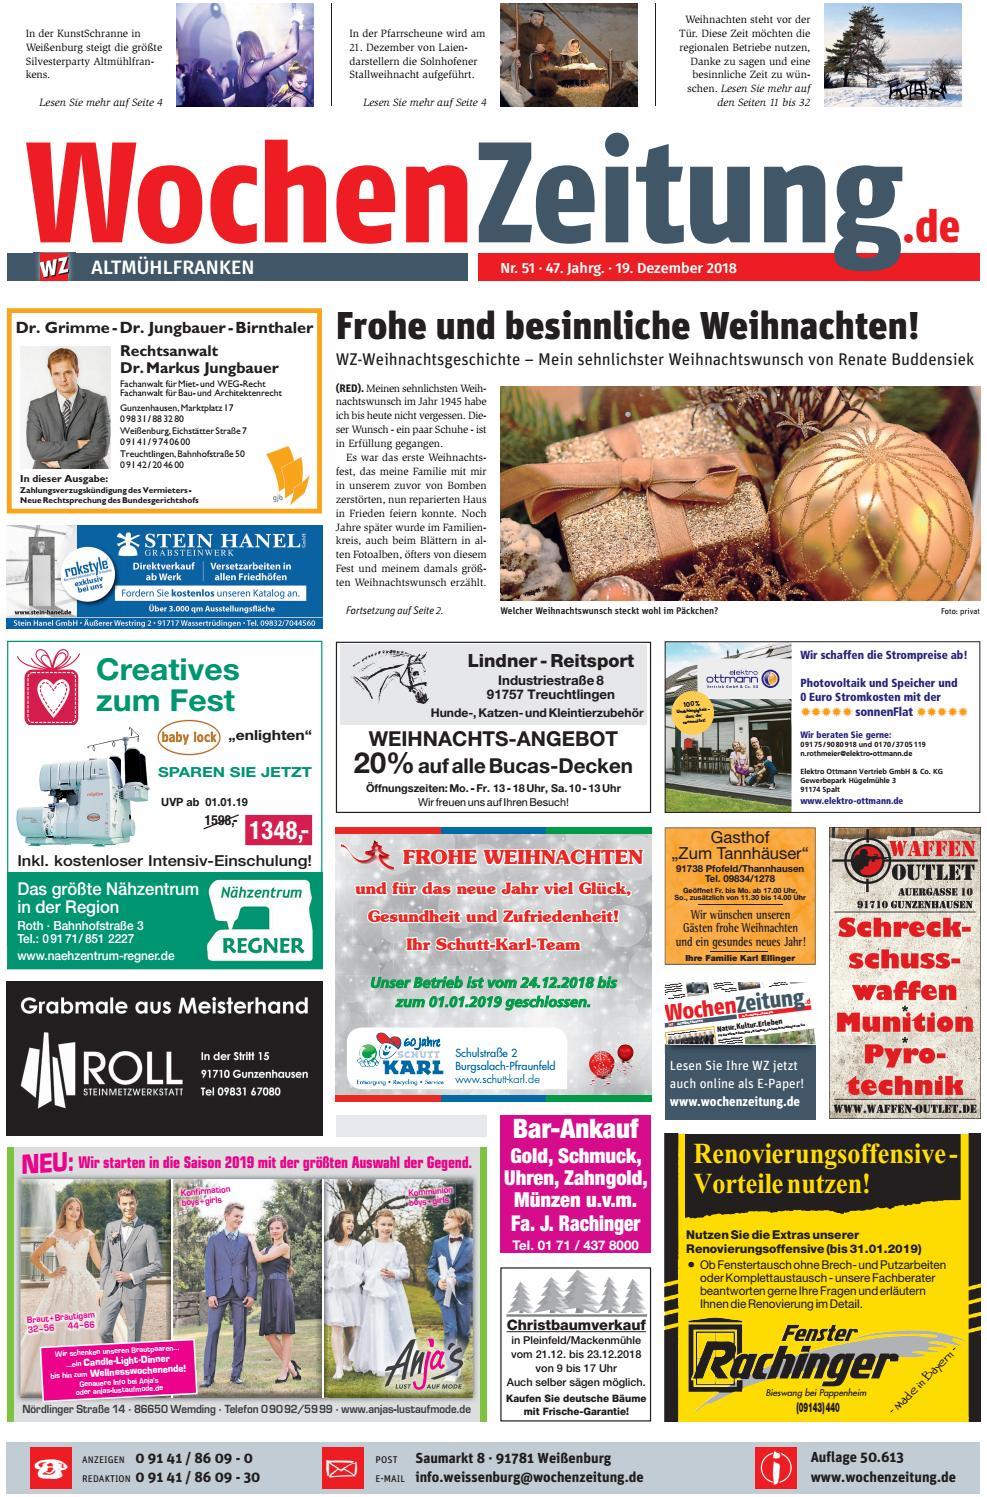 Wochenzeitung Altmühlfranken Kw 5118 By Wochenzeitung